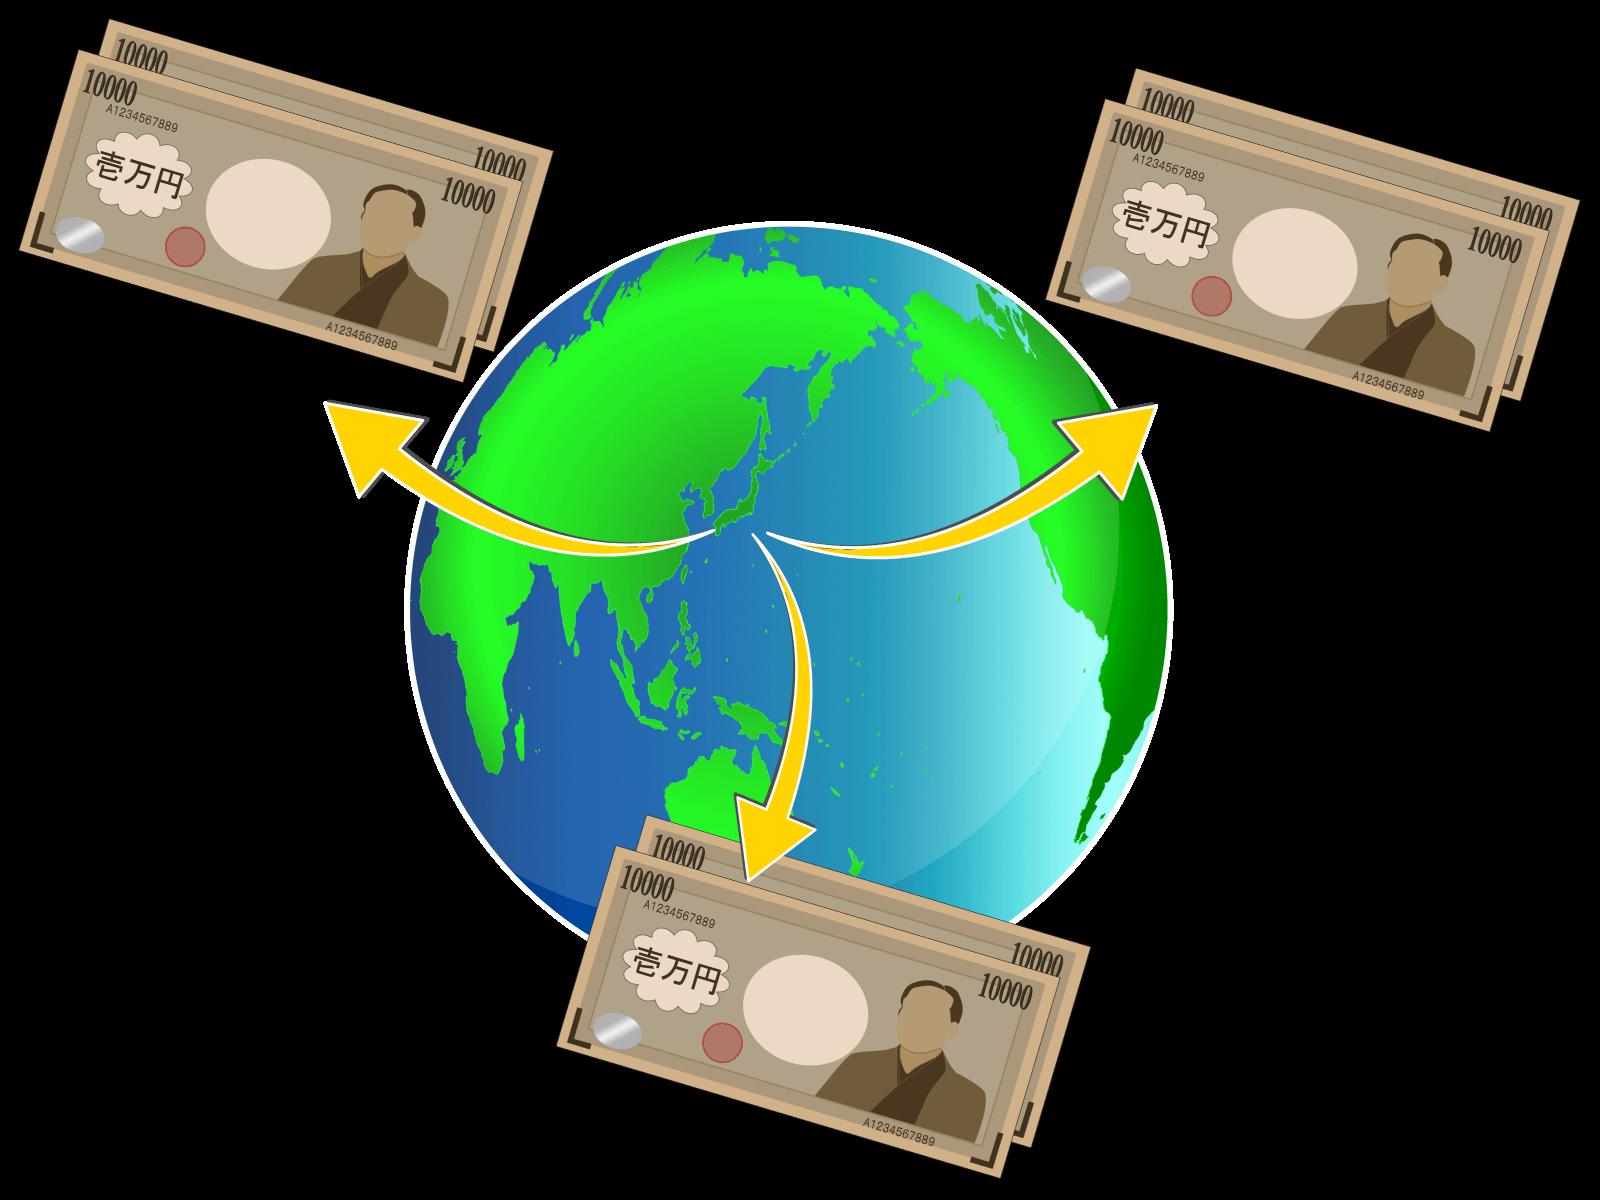 送金のイメージ画像